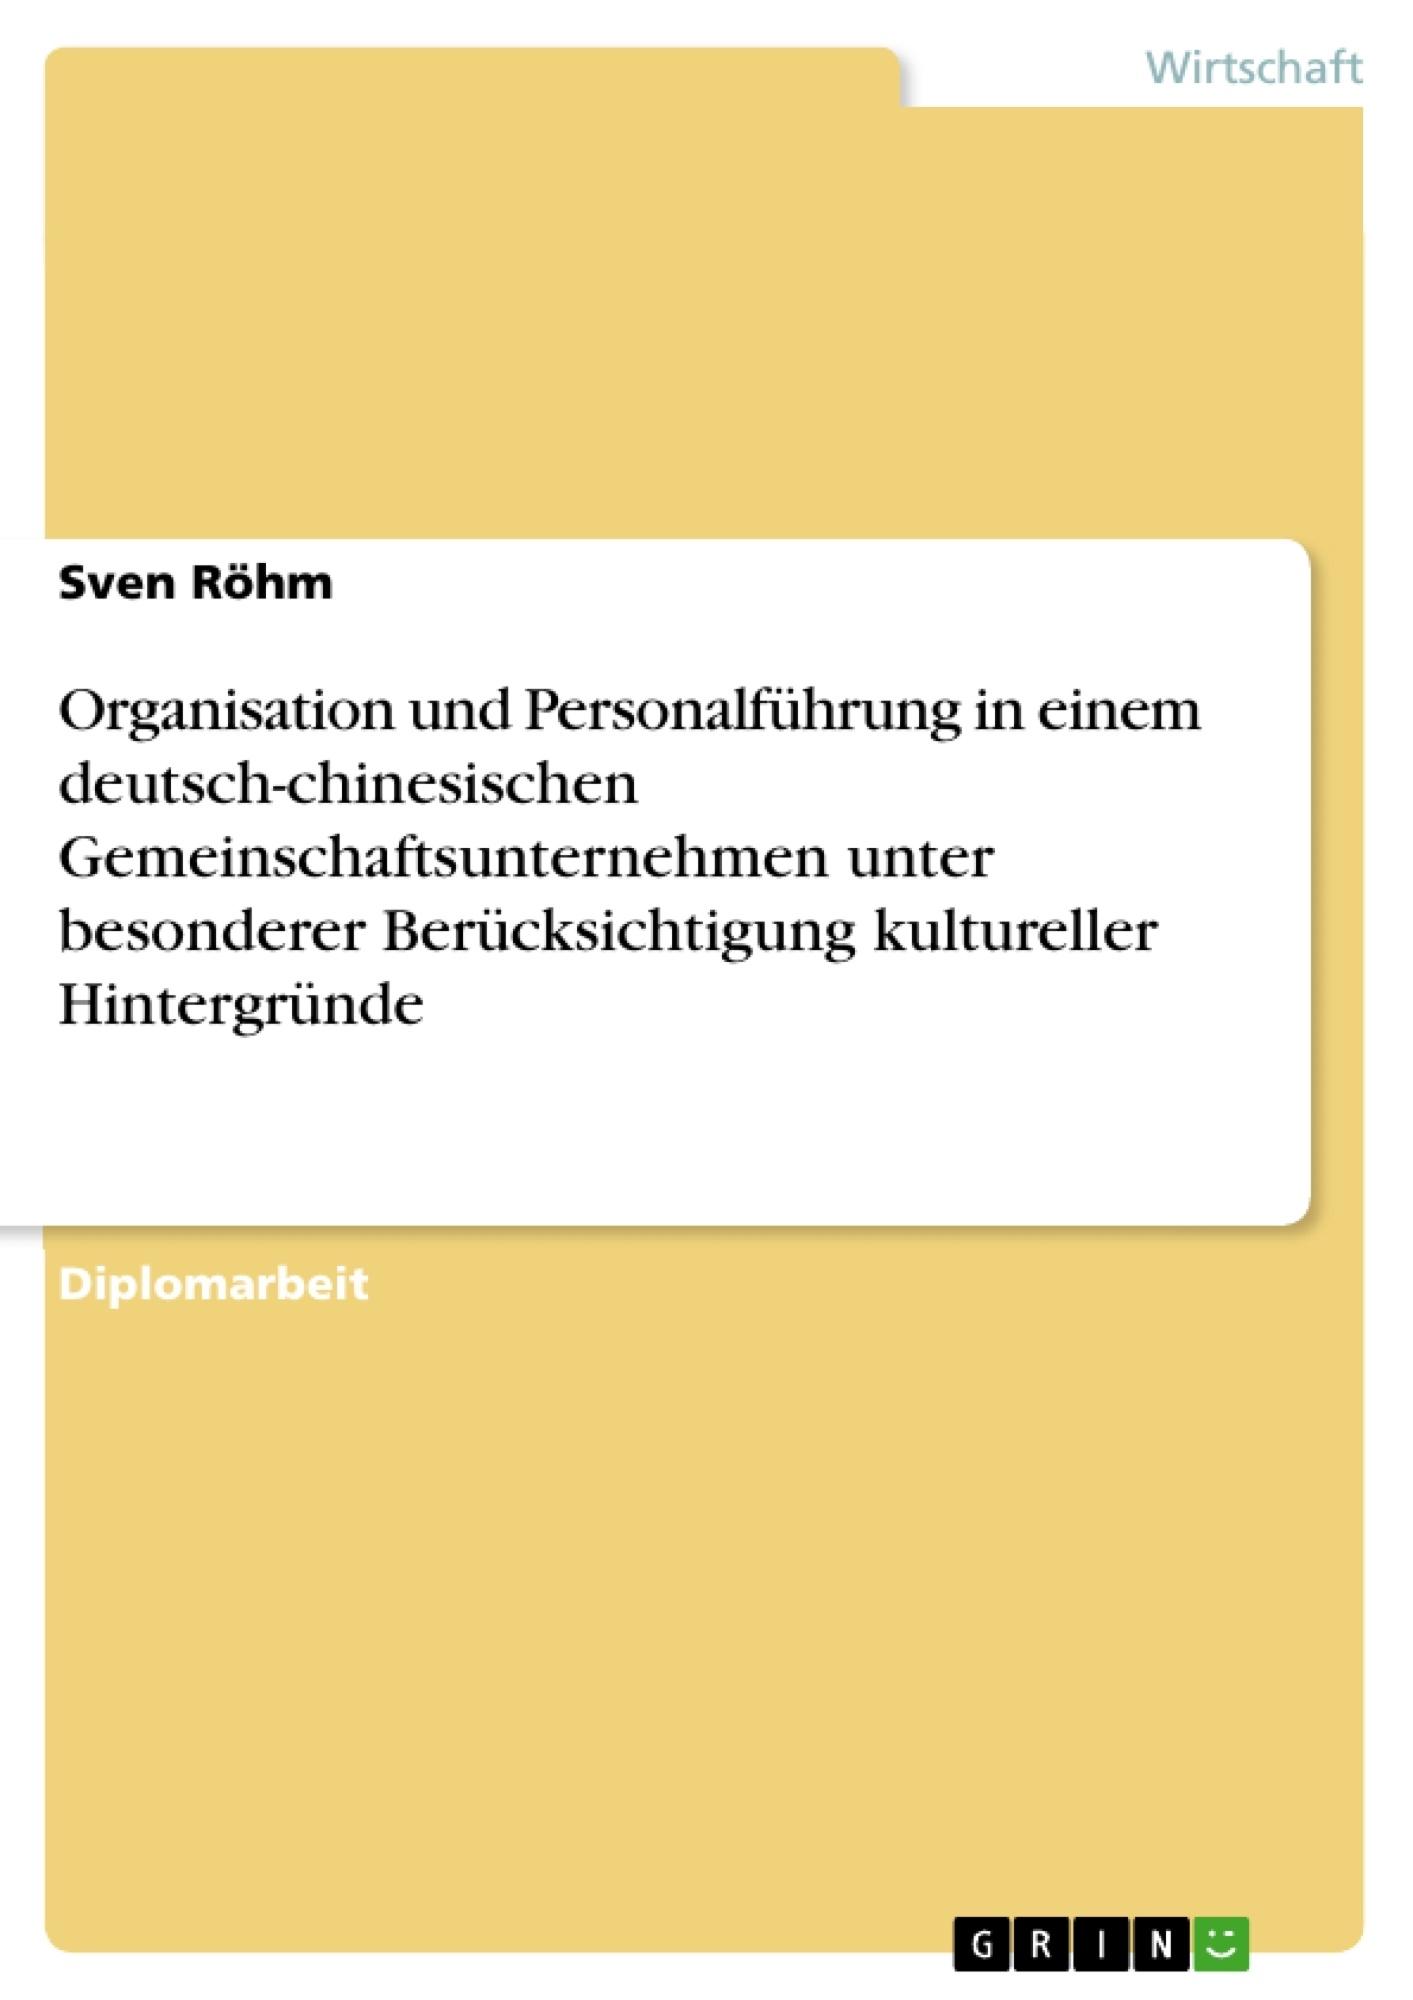 Titel: Organisation und Personalführung in einem deutsch-chinesischen Gemeinschaftsunternehmen unter besonderer Berücksichtigung kultureller Hintergründe